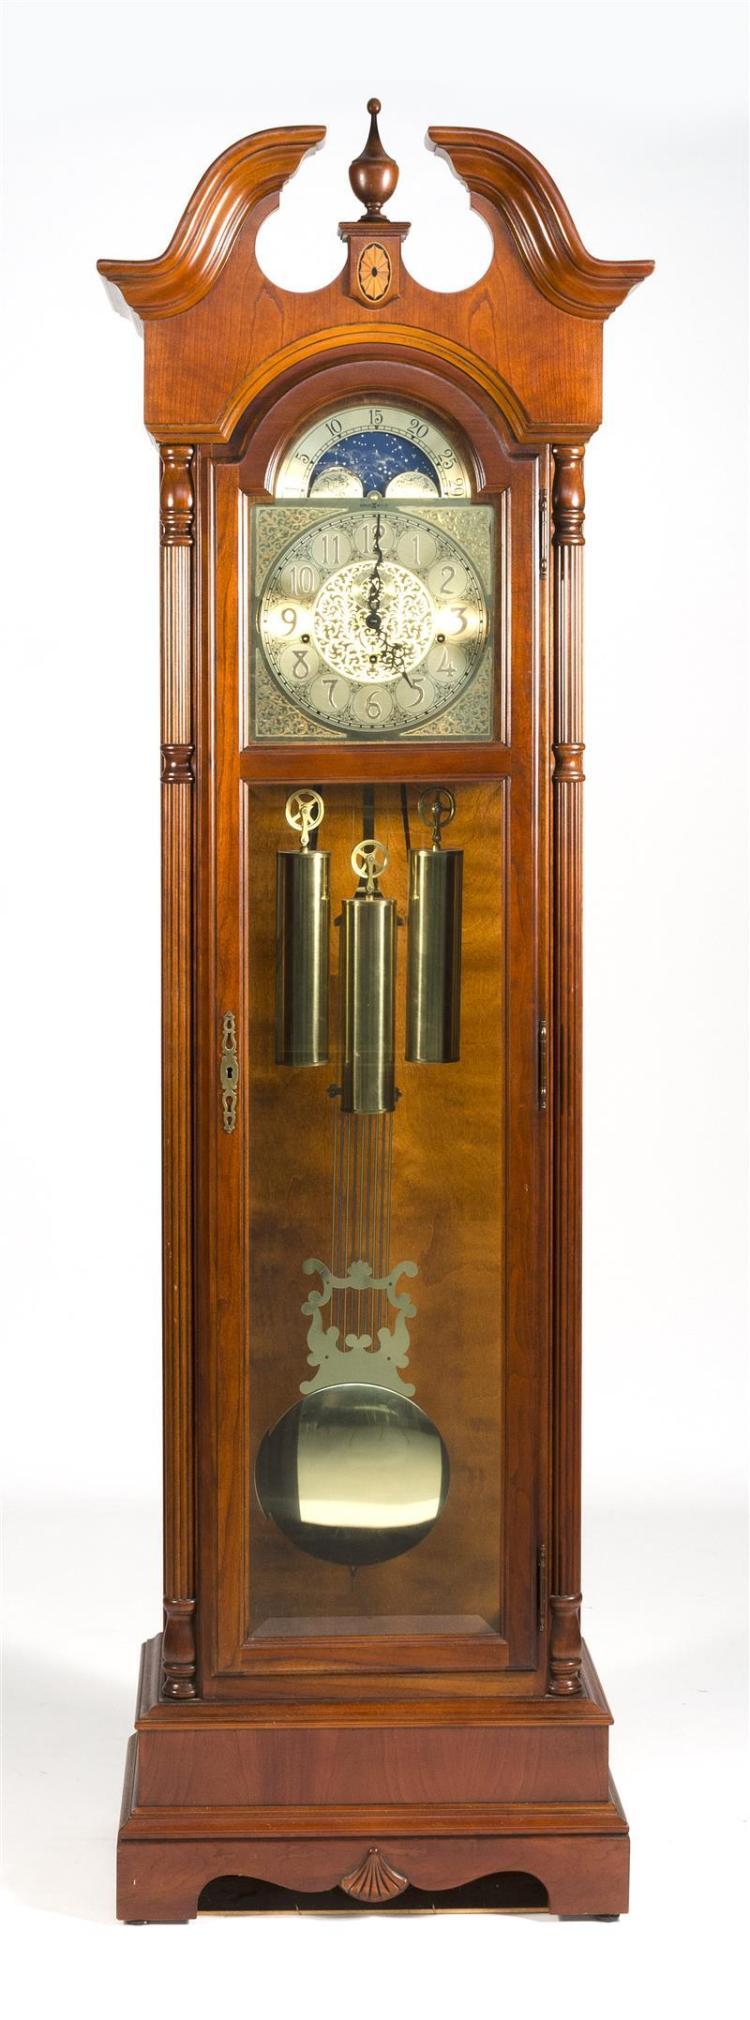 HOWARD MILLER CLOCK In walnut veneer with broken arch top. Includes weights and pendulum. Height 79.5